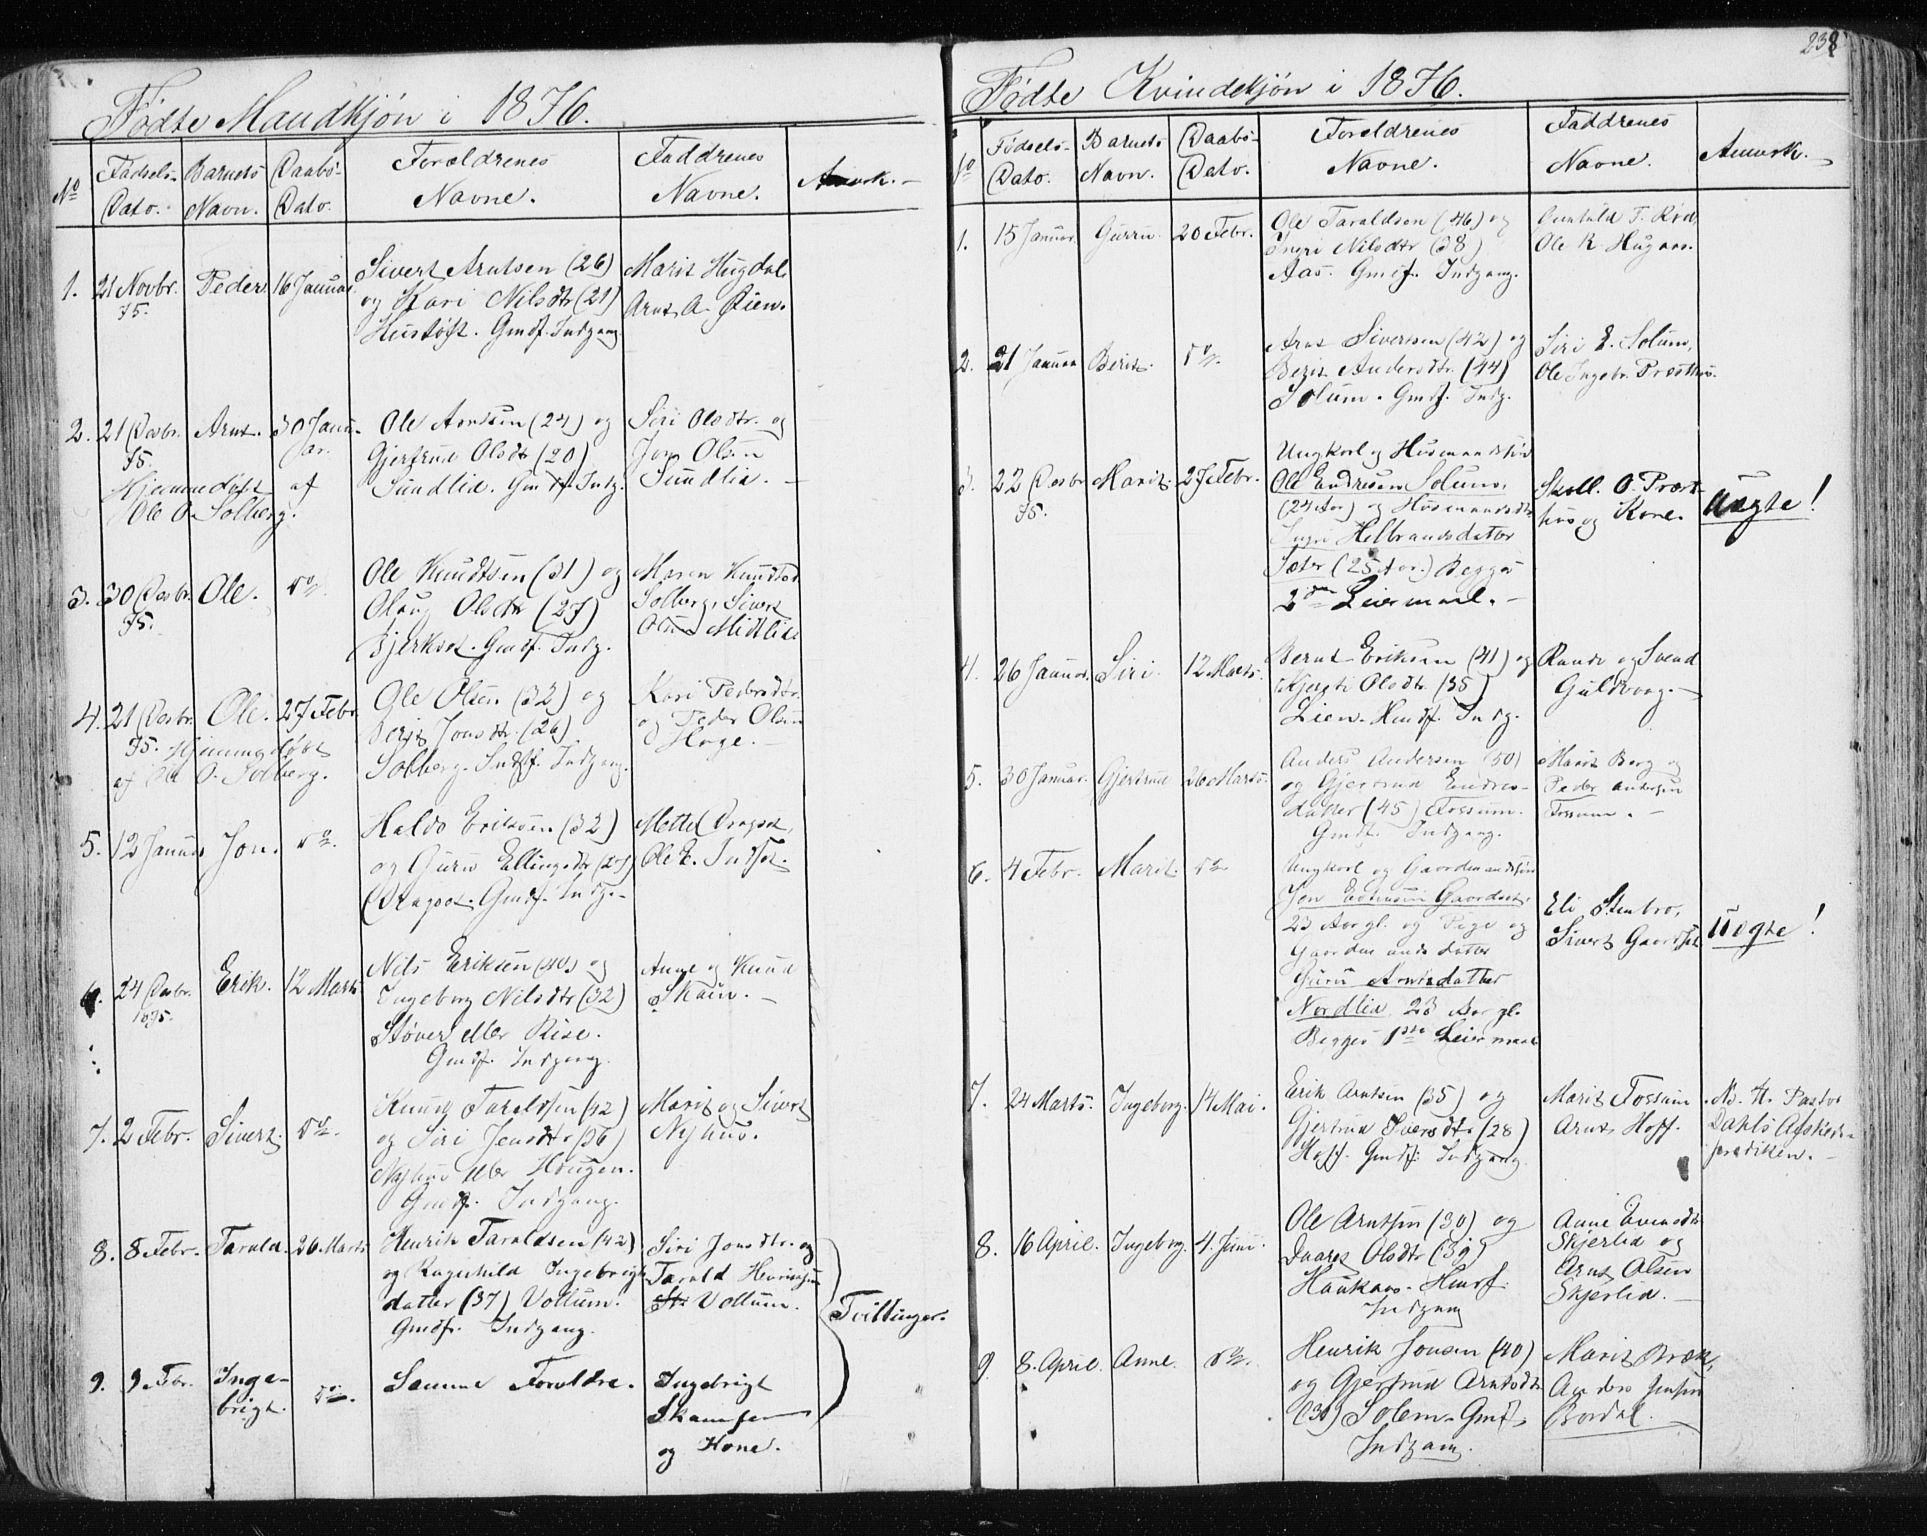 SAT, Ministerialprotokoller, klokkerbøker og fødselsregistre - Sør-Trøndelag, 689/L1043: Klokkerbok nr. 689C02, 1816-1892, s. 238